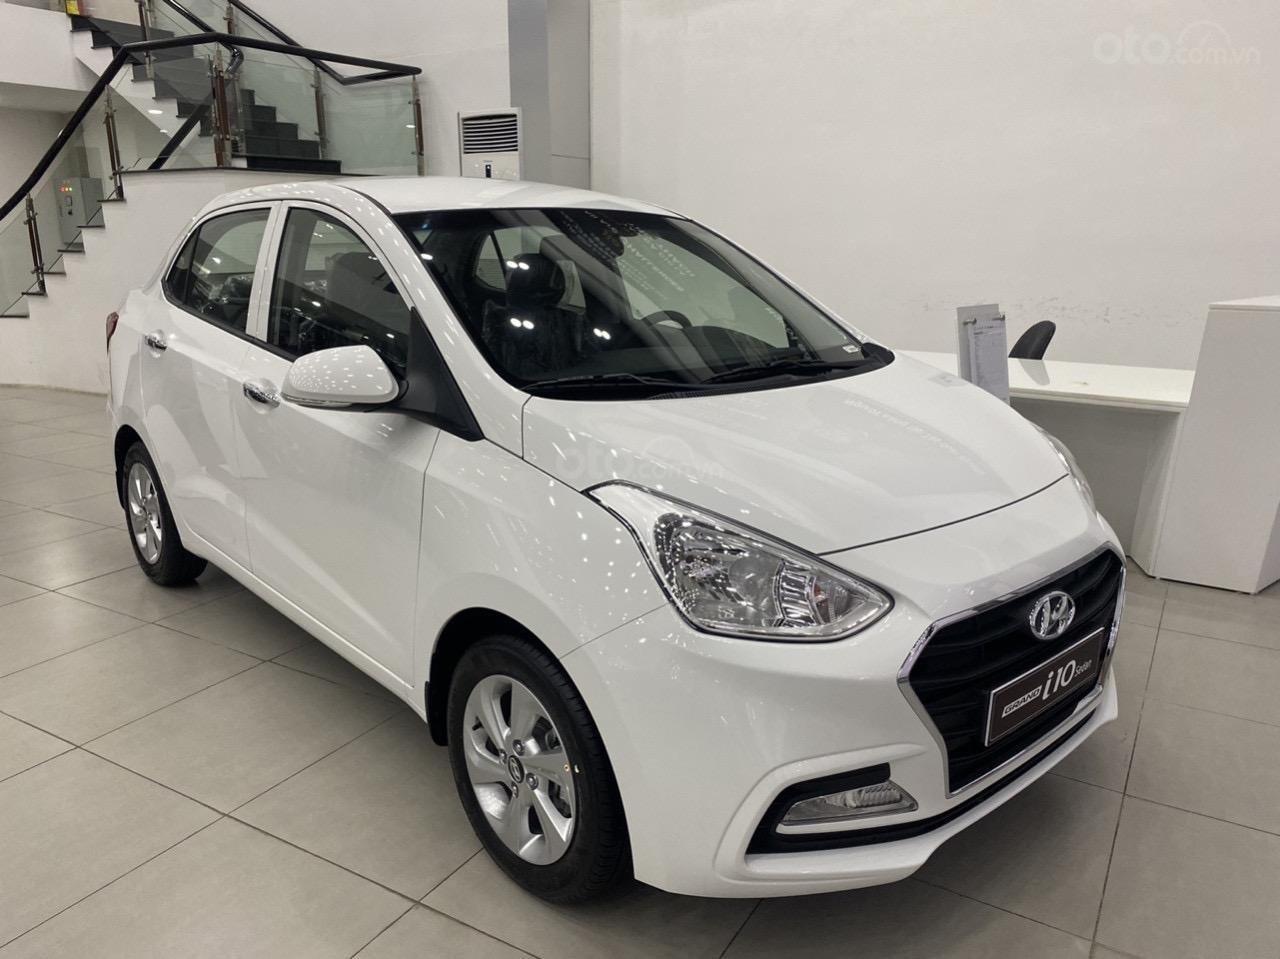 Cần bán xe Hyundai Grand i10 sedan xe có sẵn (1)